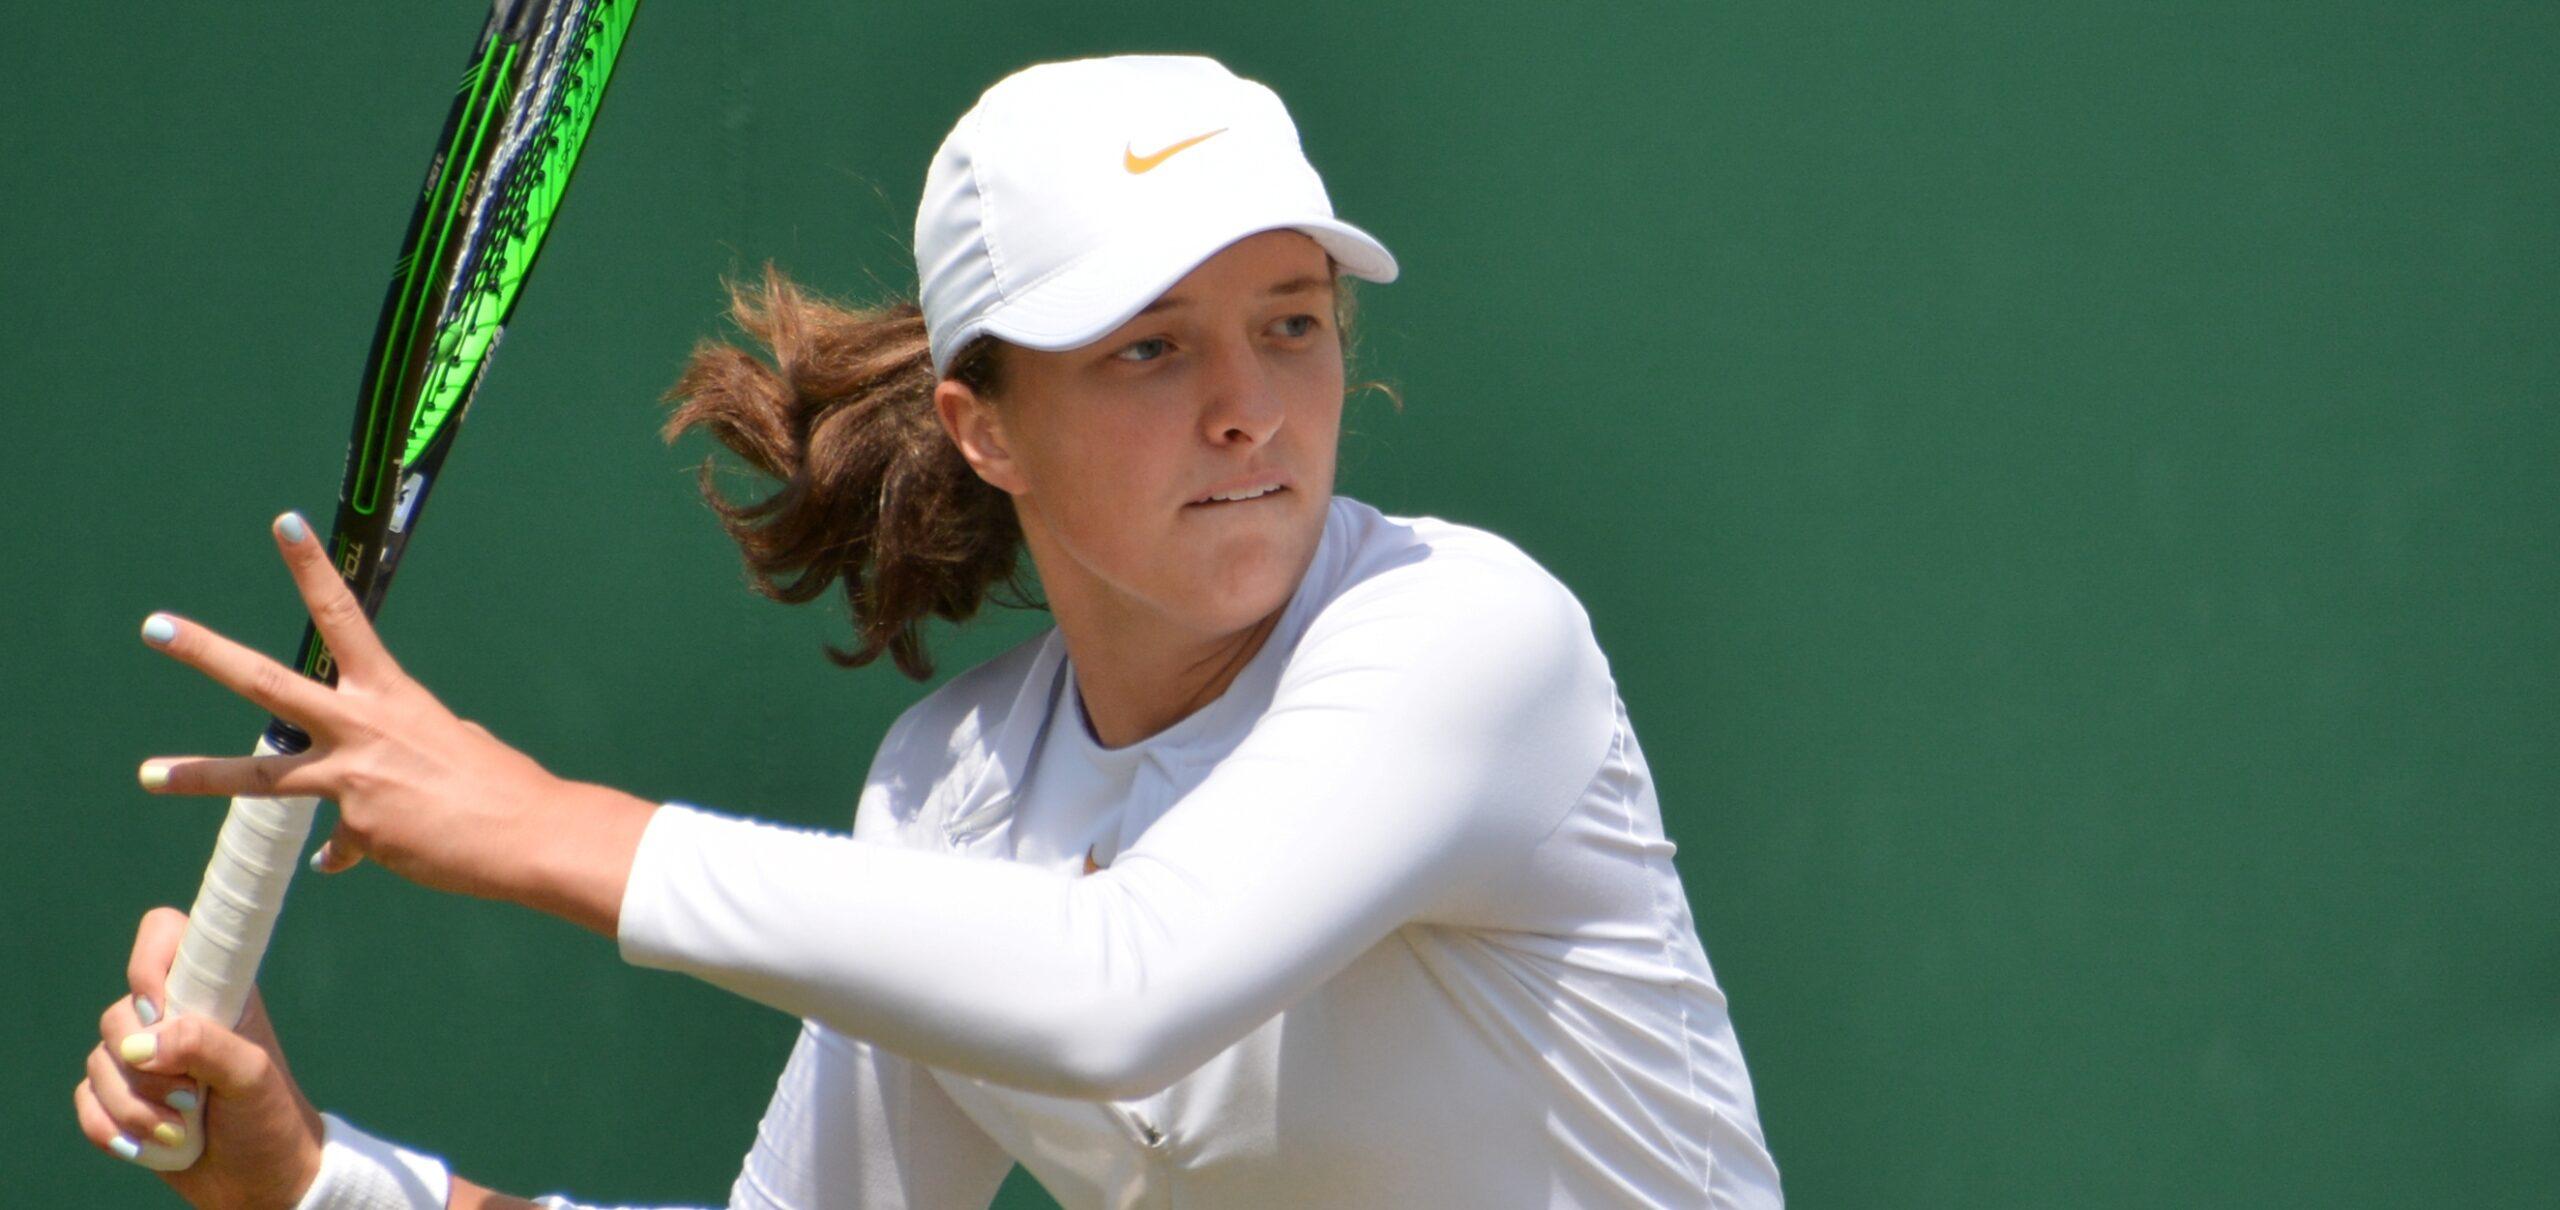 Sukces naturnieju WTA wRzymie – Świątek wpółfinale powygranej zeSwitoliną